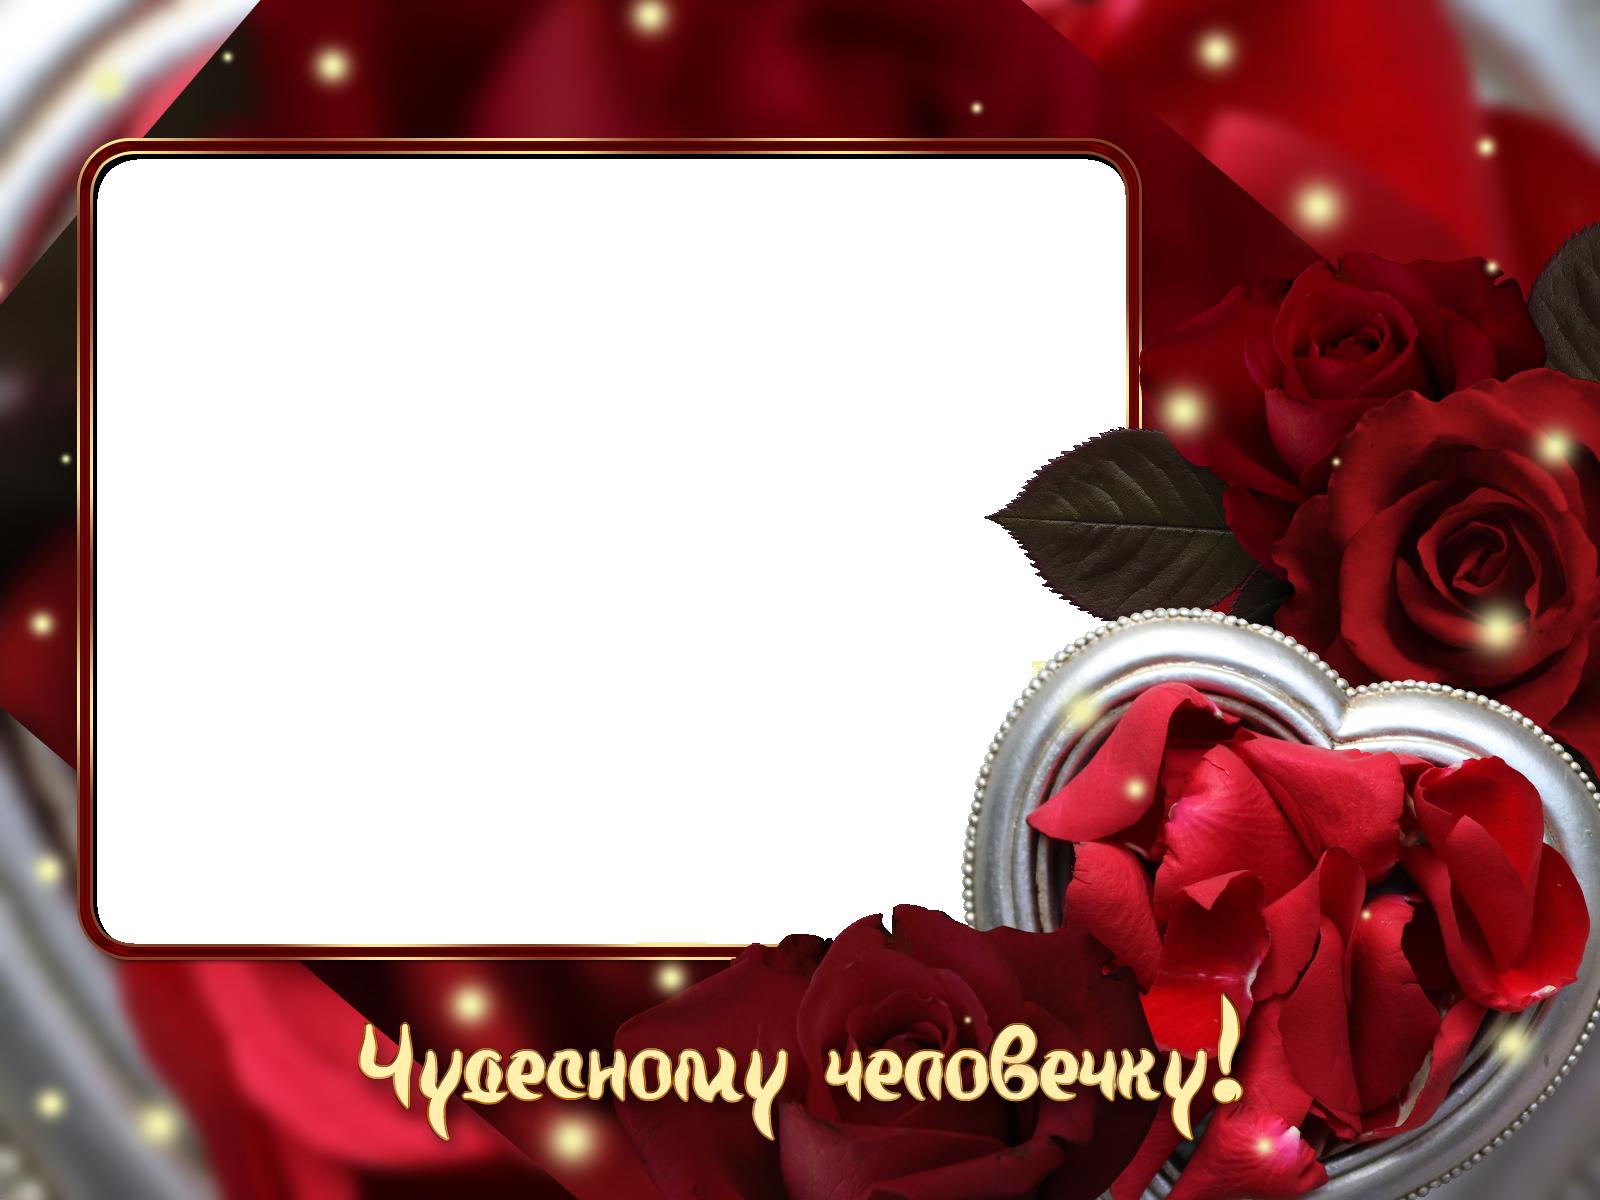 Фоторамка Чудесному человеку! Фоторамка для фотошопа, PNG шаблон. Фоторамка с лепестками роз. Красные розы, сердце, искры.